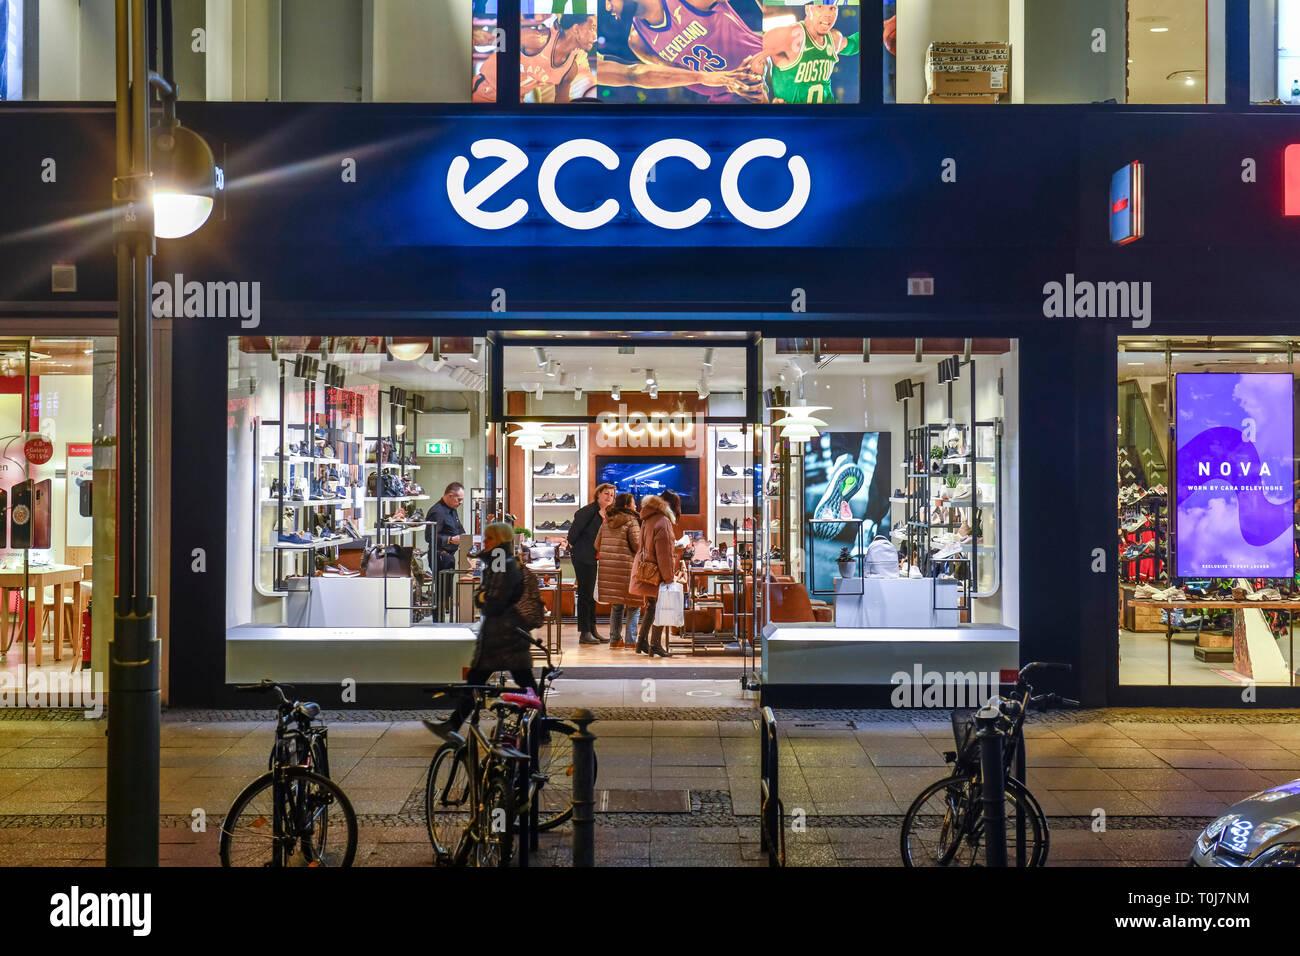 Schuh Haus Ecco, Tauentzien, Charlottenburg, Berlin